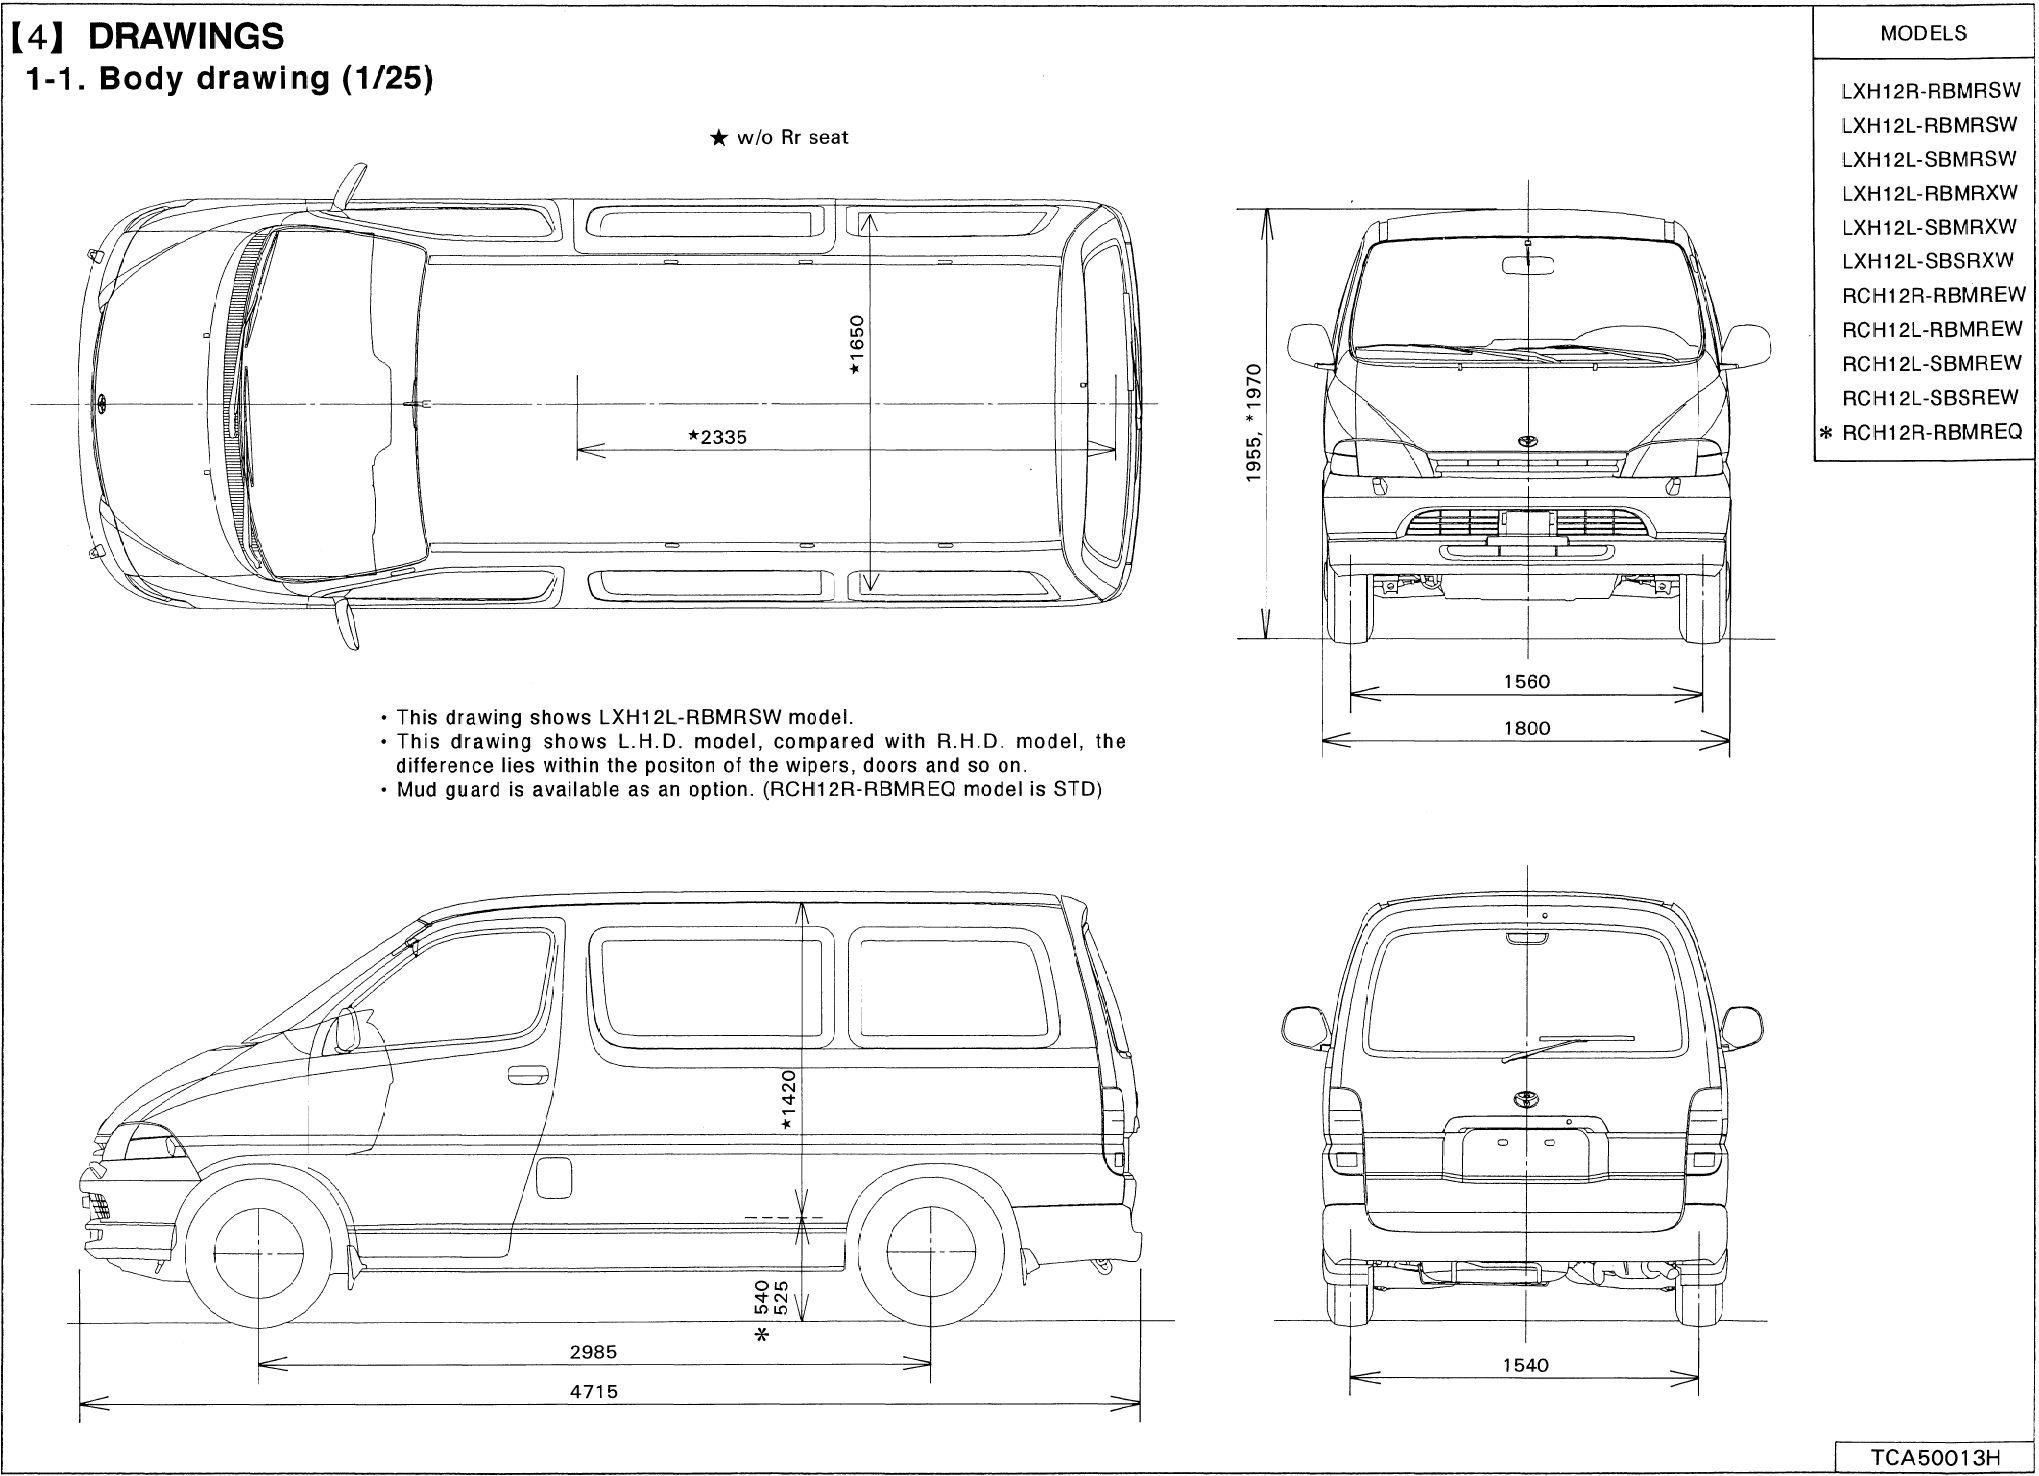 toyota hiace blueprint toyota hiace checklist toyota hiace toyota hiace fuse diagram toyota hiace blueprint [ 2039 x 1476 Pixel ]